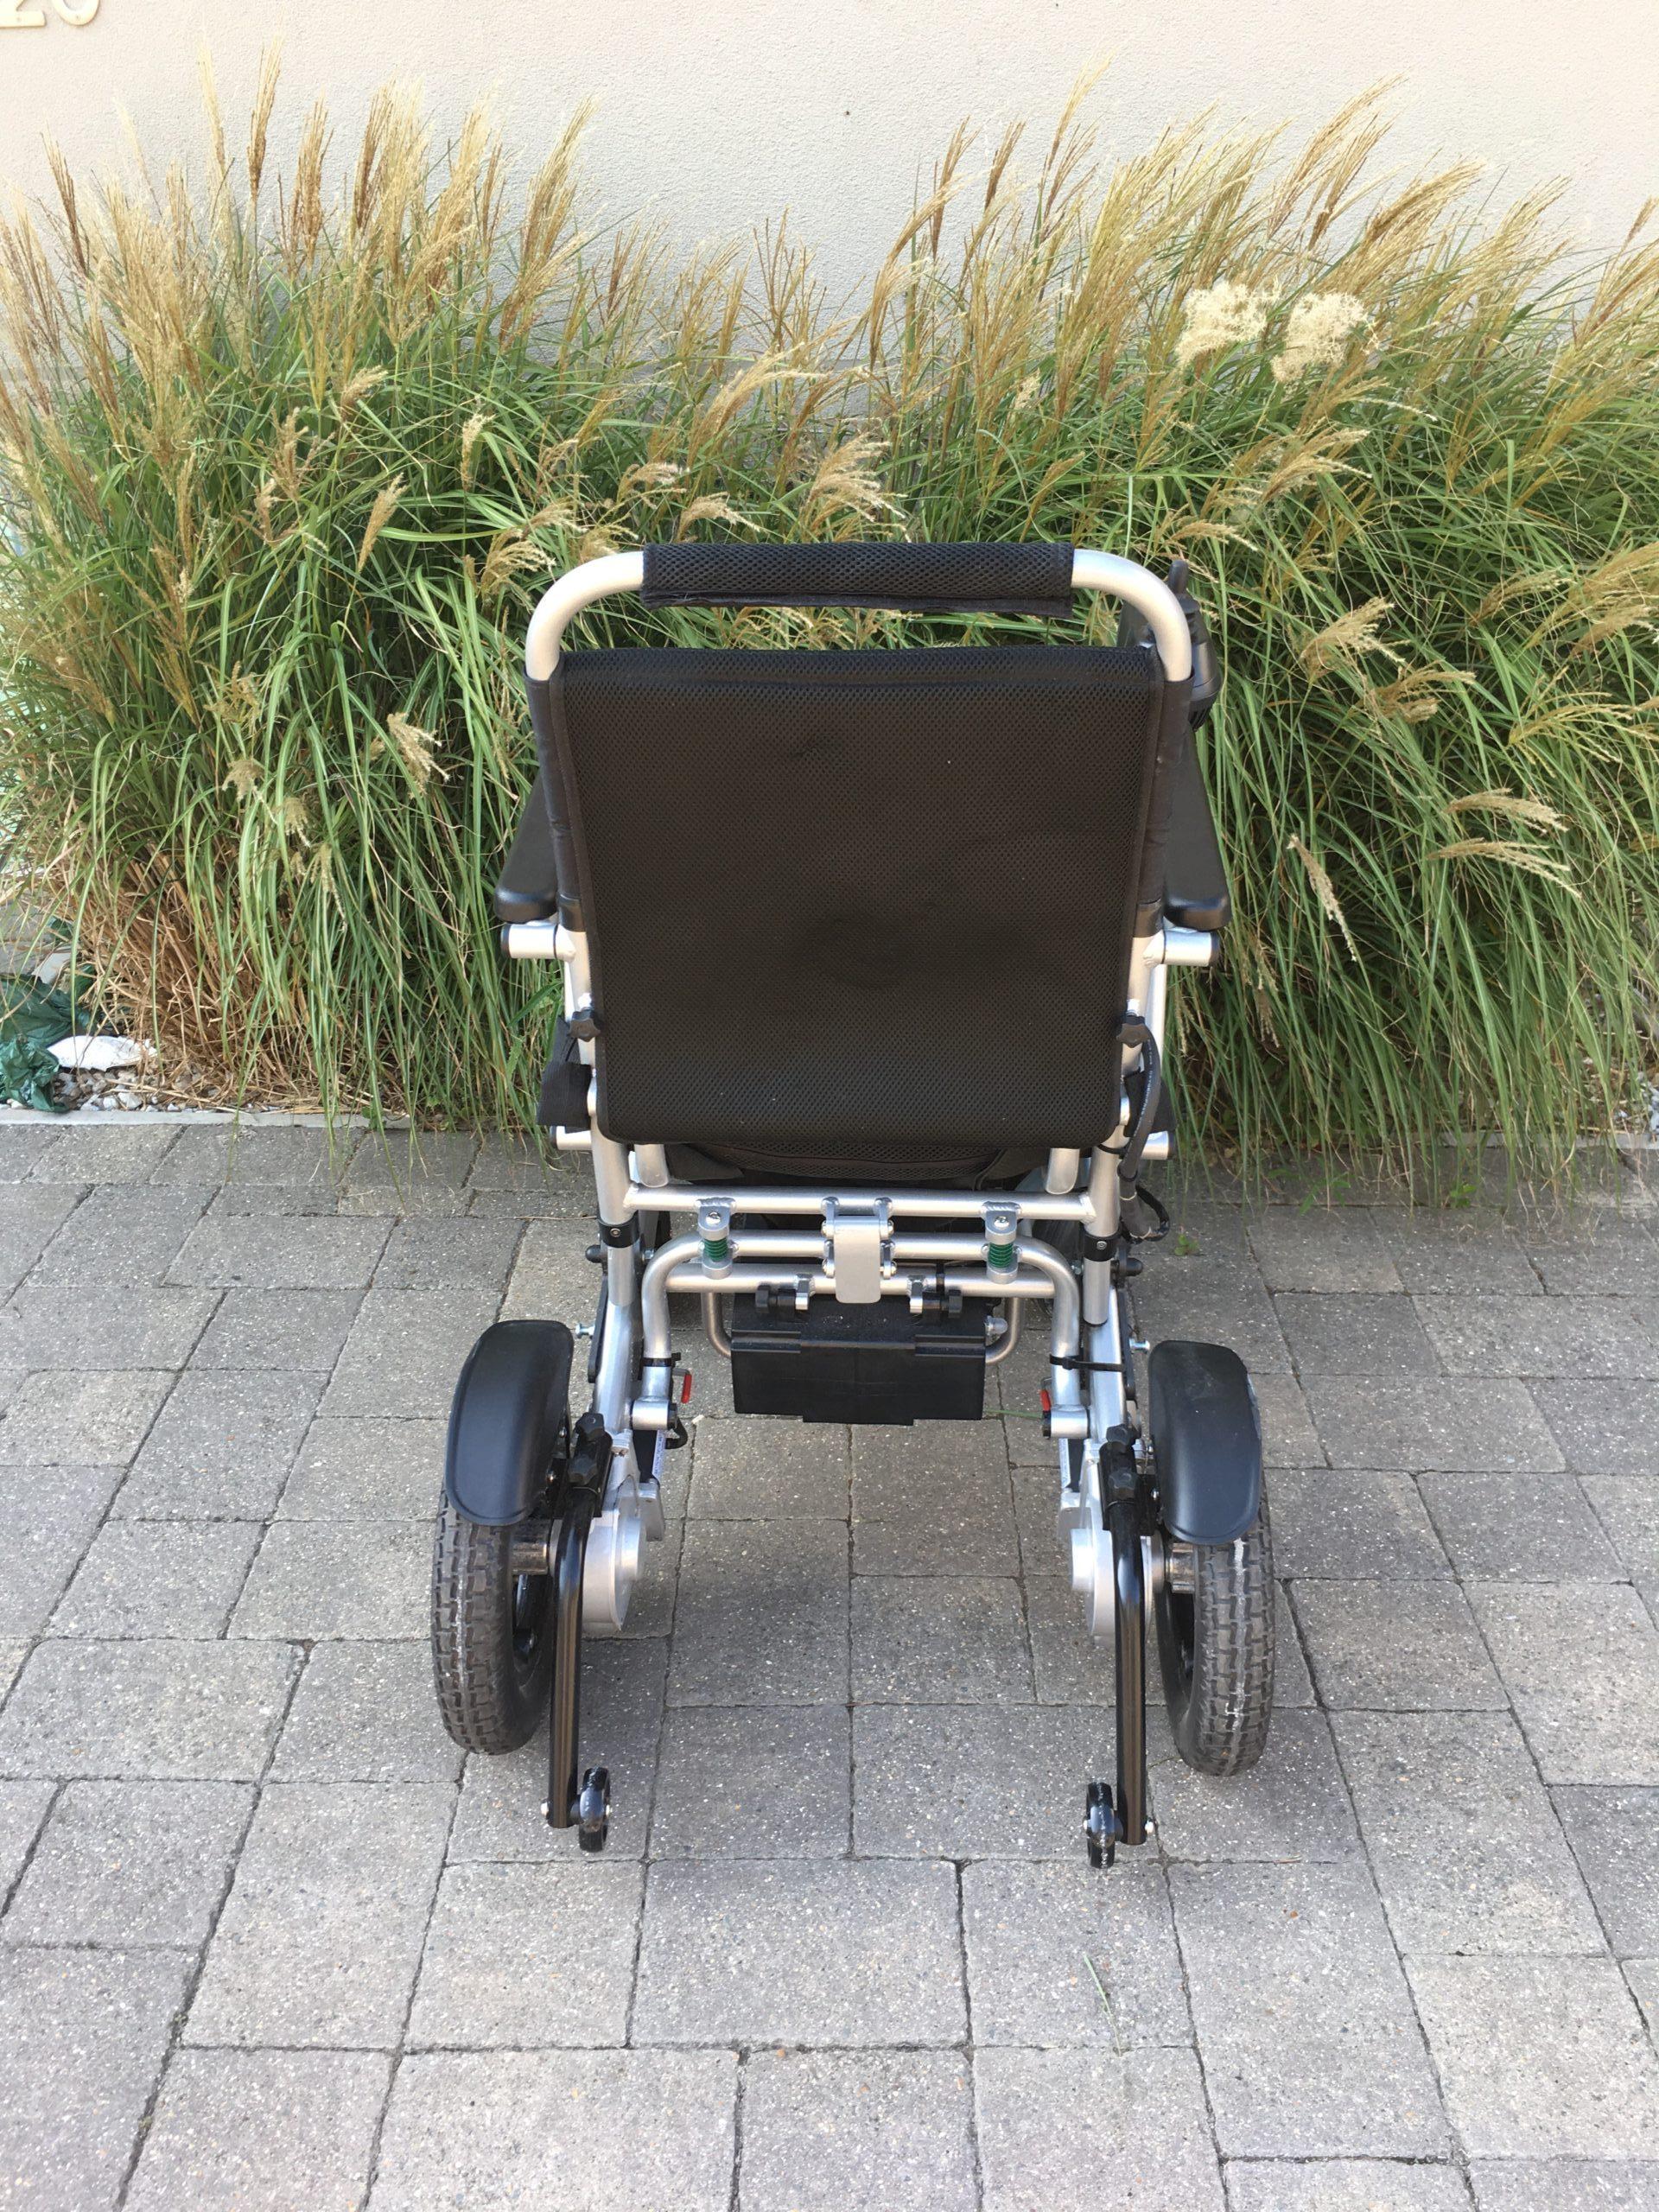 Lith-Tech Smart Chair 2 5